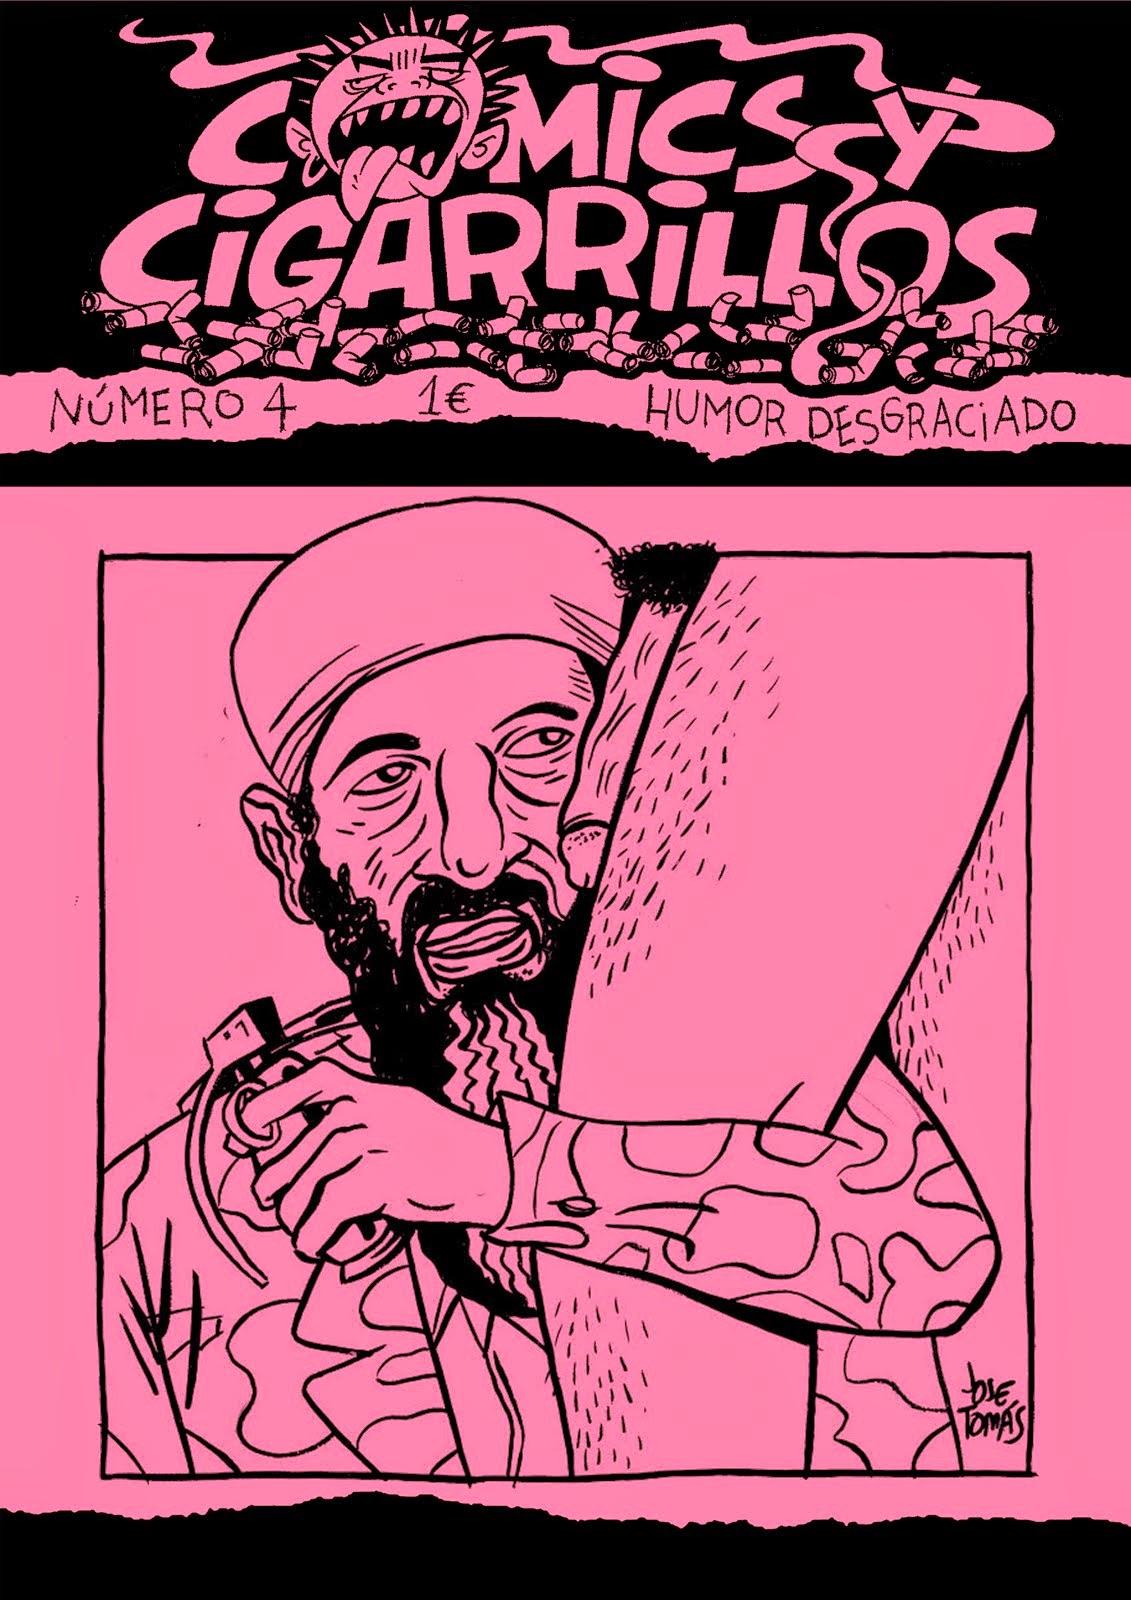 Cómics y Cigarrillos #4